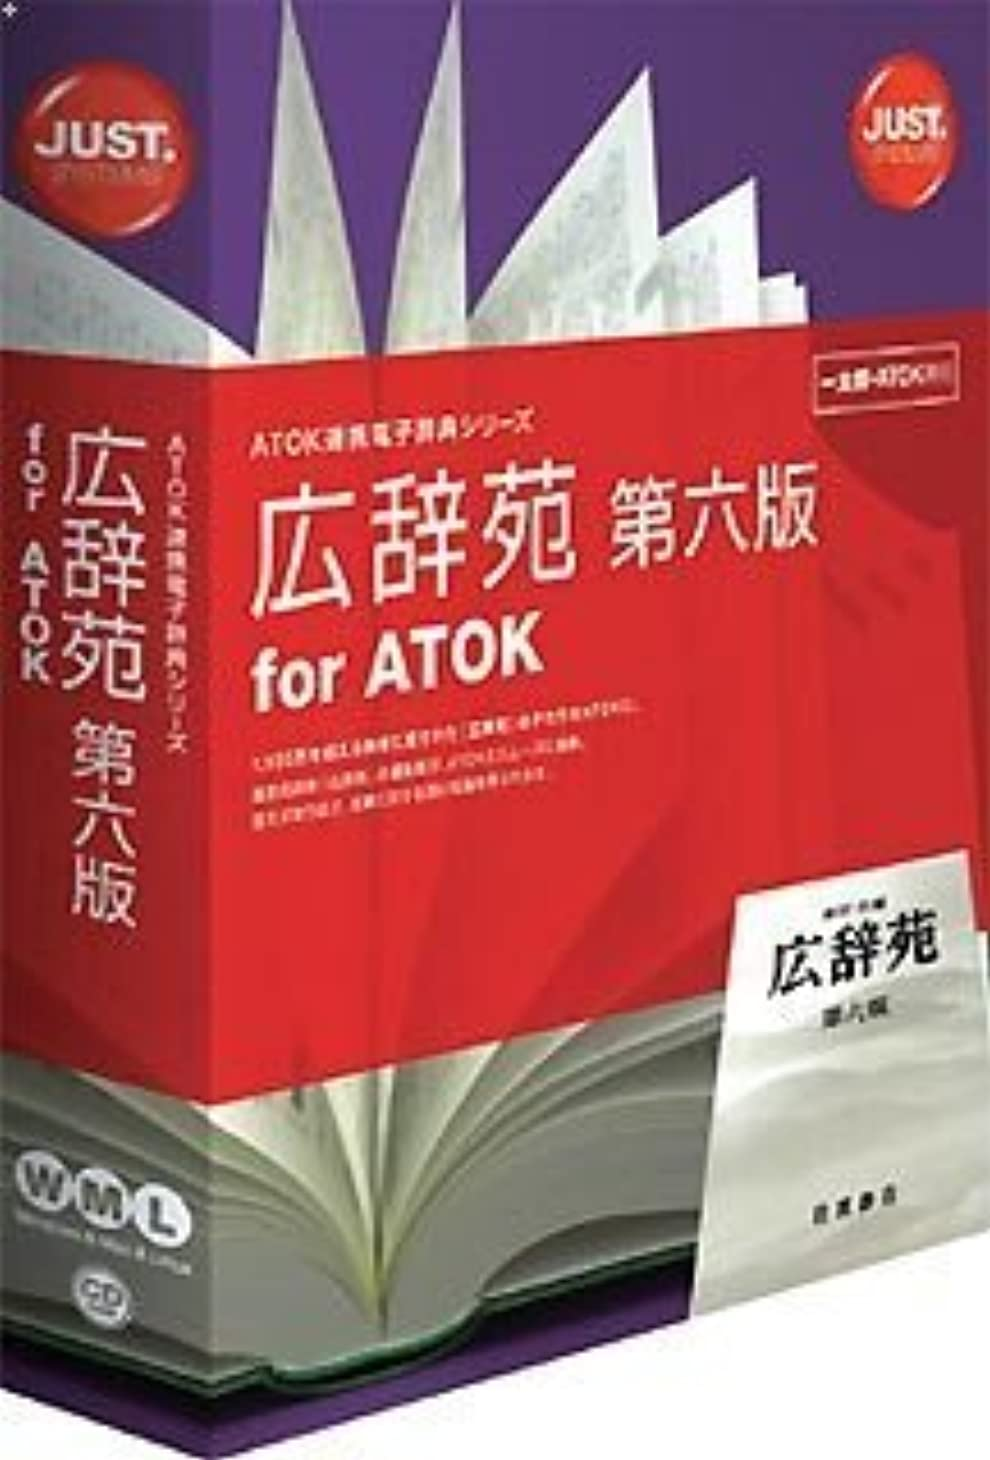 カウボーイ効能ある見物人広辞苑 第六版 for ATOK